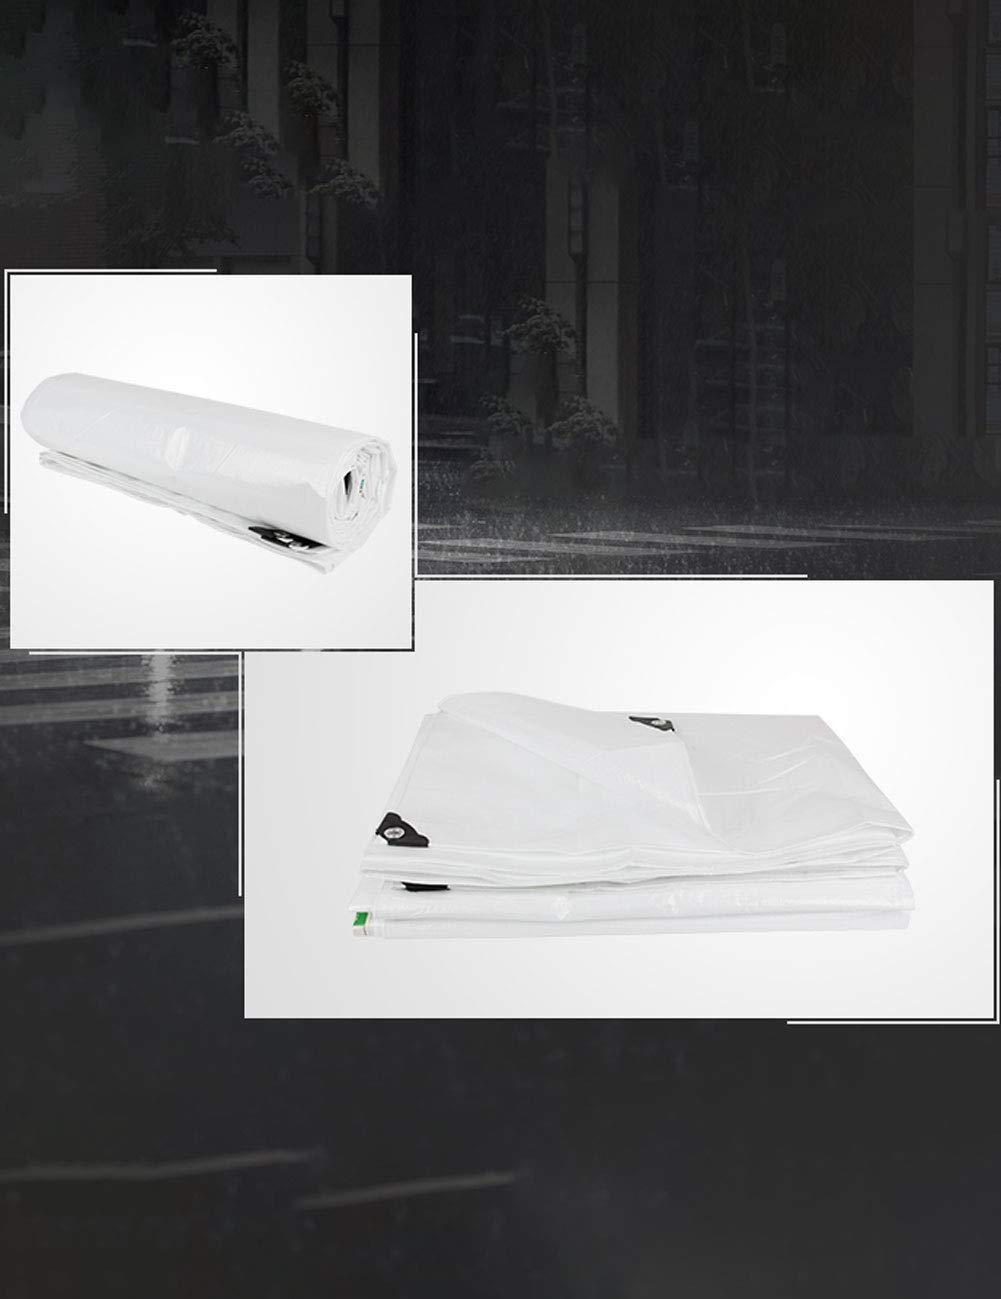 DLewiee Tarpa di di di tenda da campeggio impermeabile per tende da campeggio resistente alla tela cerata bianca (Dimensione   5m6m) B07HGQBR75 Parent | Sconto  | Export  | Più economico del prezzo  | Arte Squisita  ccc11e